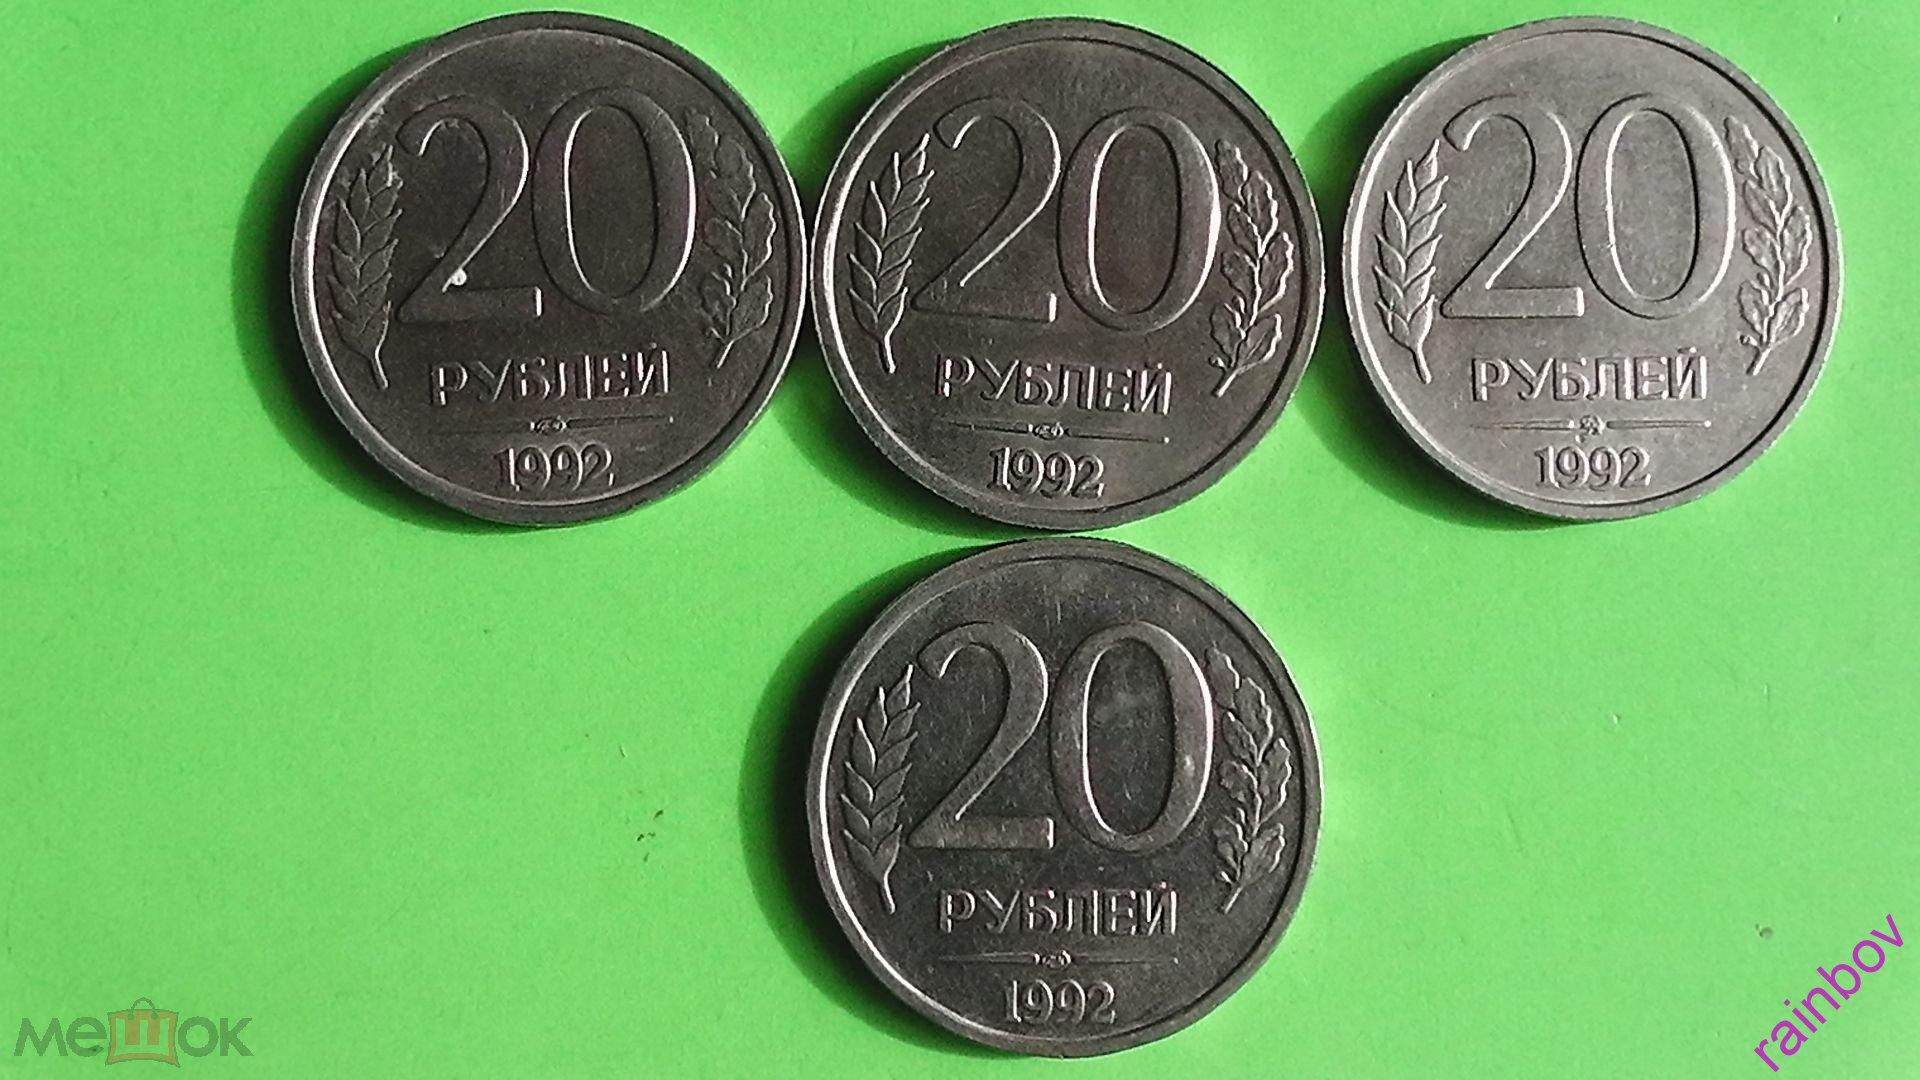 20 РУБЛЕЙ 1992 год. РОССИЯ. ЛОТ ИЗ 4 МОНЕТ. ММД+ ЛМД .ОРИГИНАЛ. С РУБЛЯ!